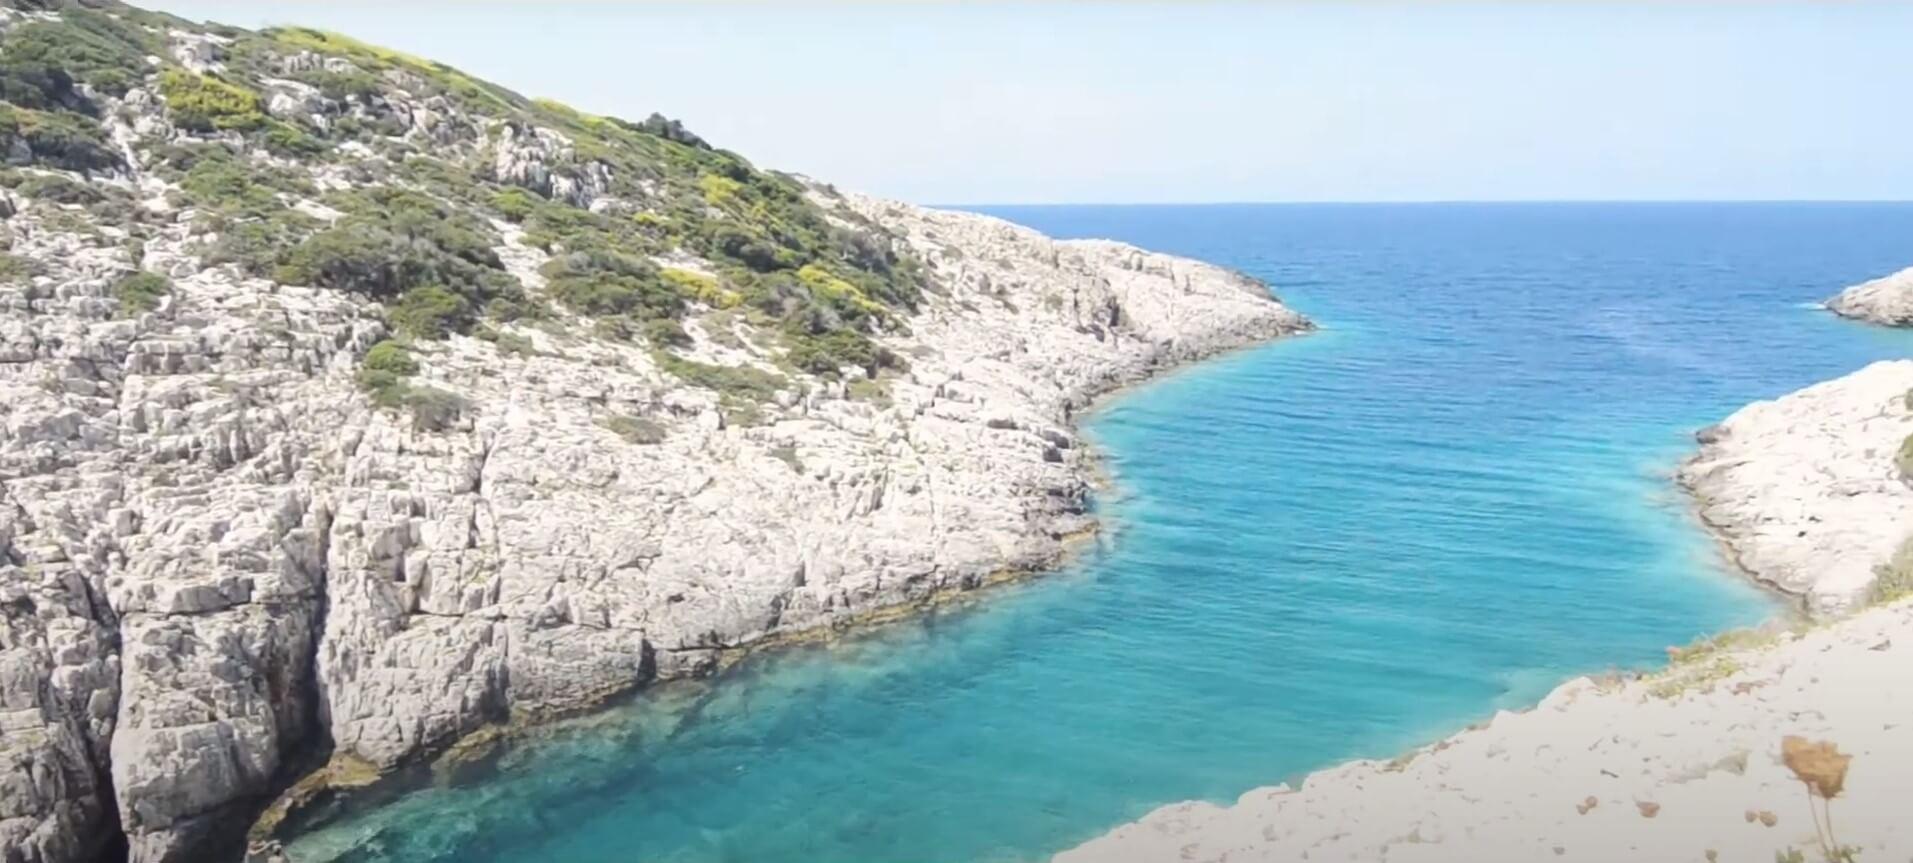 Korakonisi-Zakynthos-Cruises-4